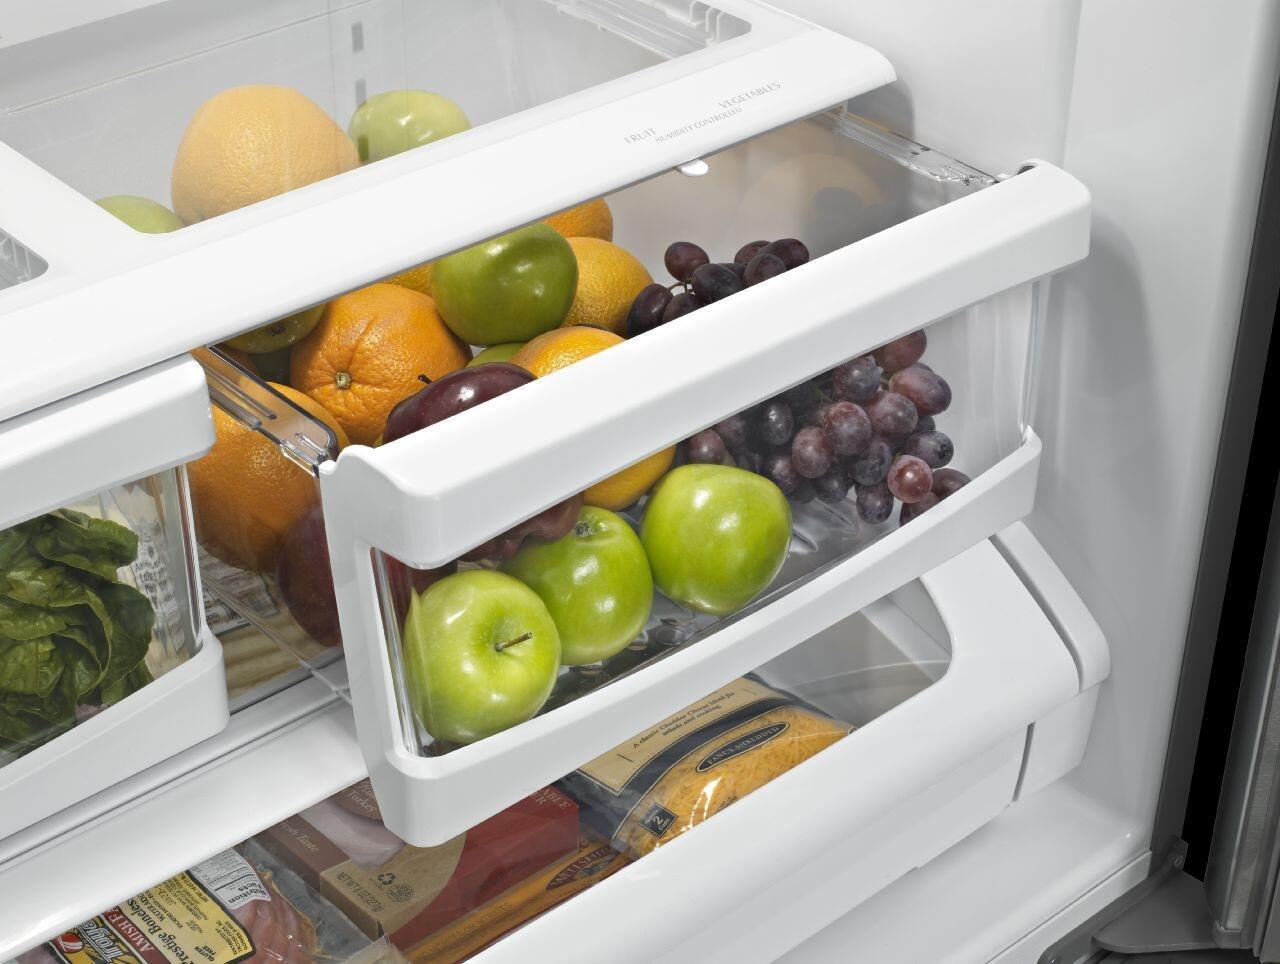 maytag mff2558few 36 inch french door refrigerator with 25.19 cu